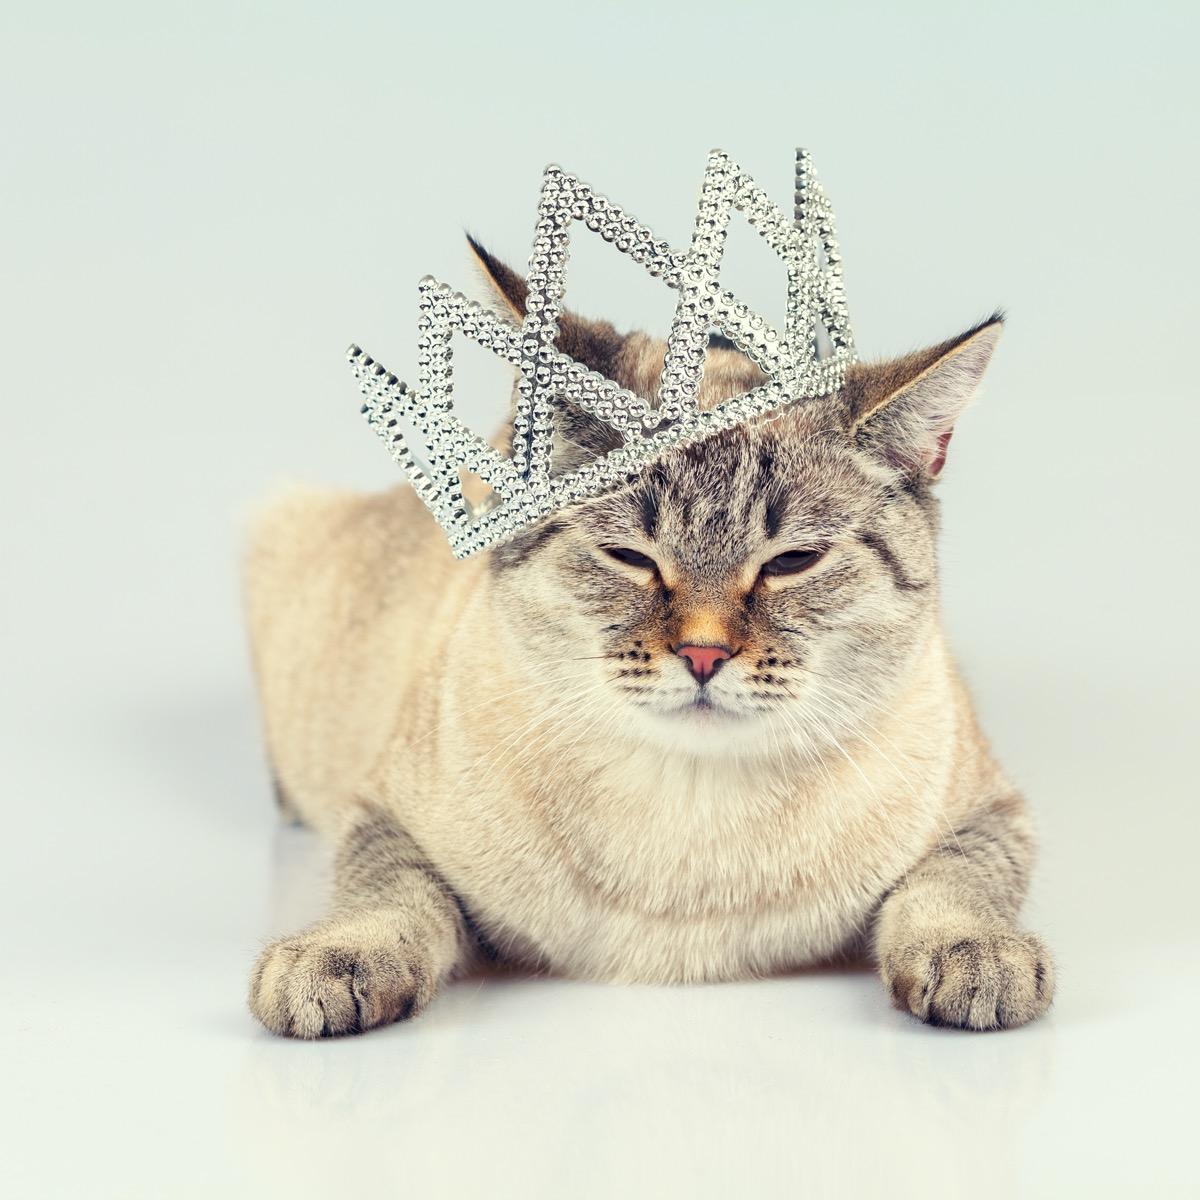 Cat in tiara